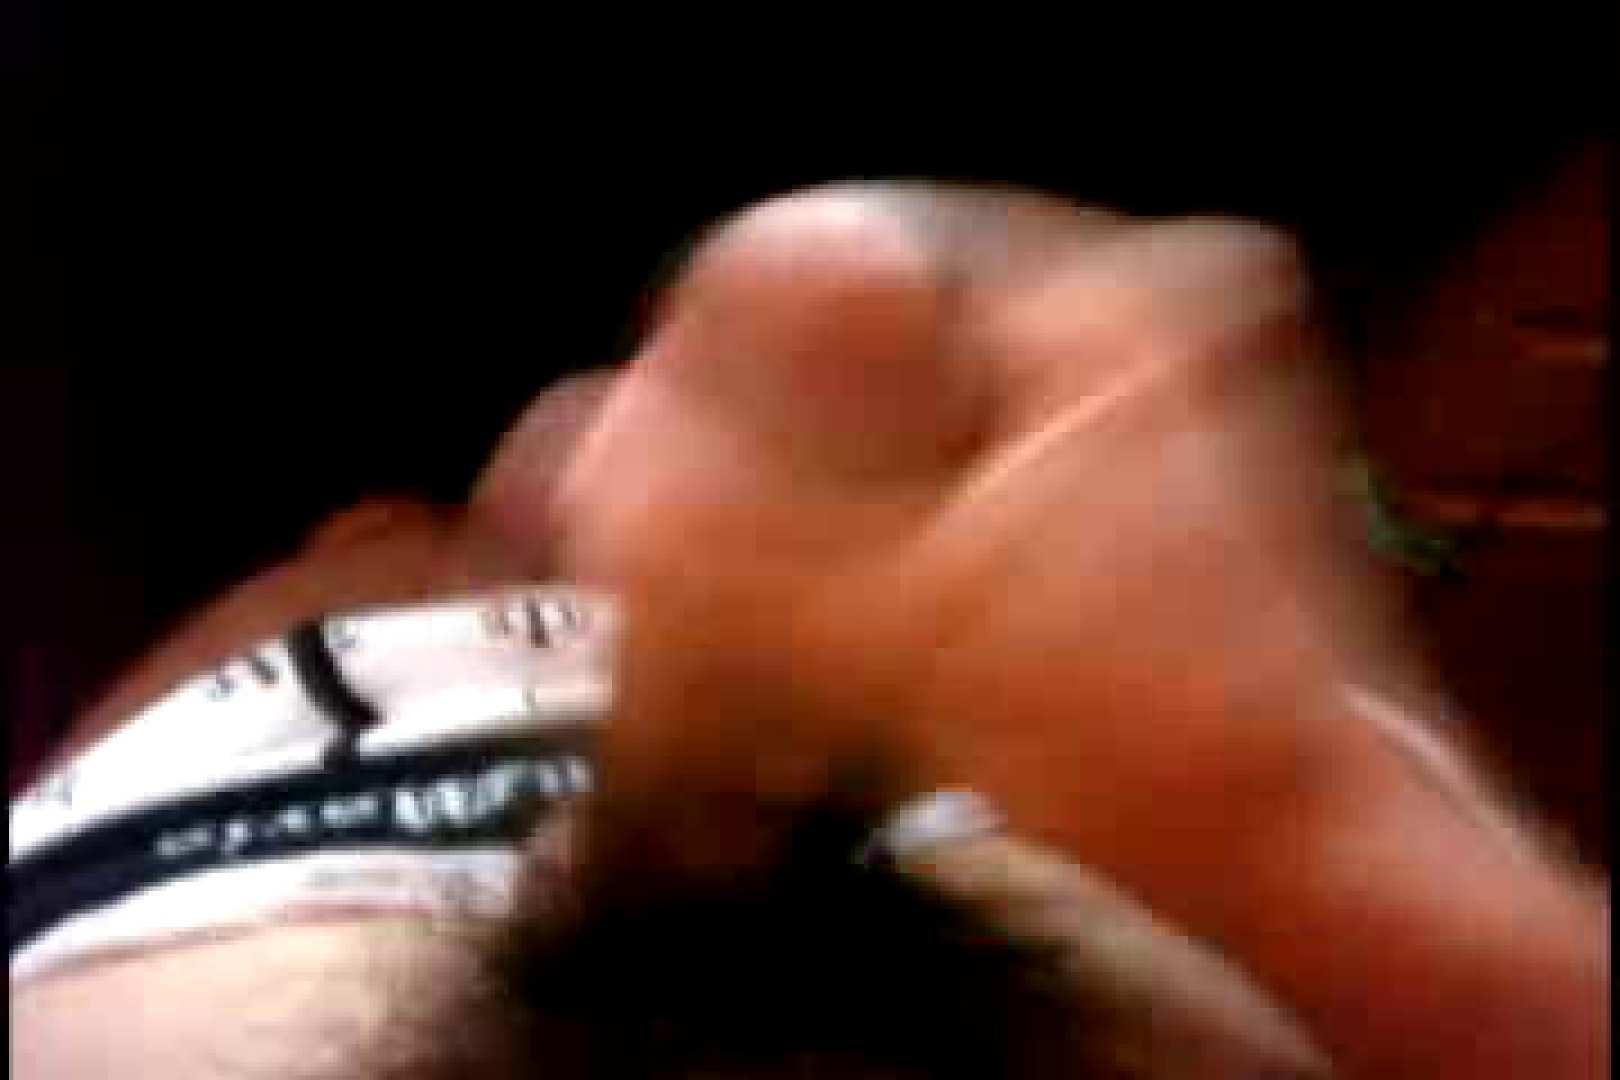 オナ好きノンケテニス部員の自画撮り投稿vol.04 チンコ | ノンケ一筋 射精無修正動画 79pic 1